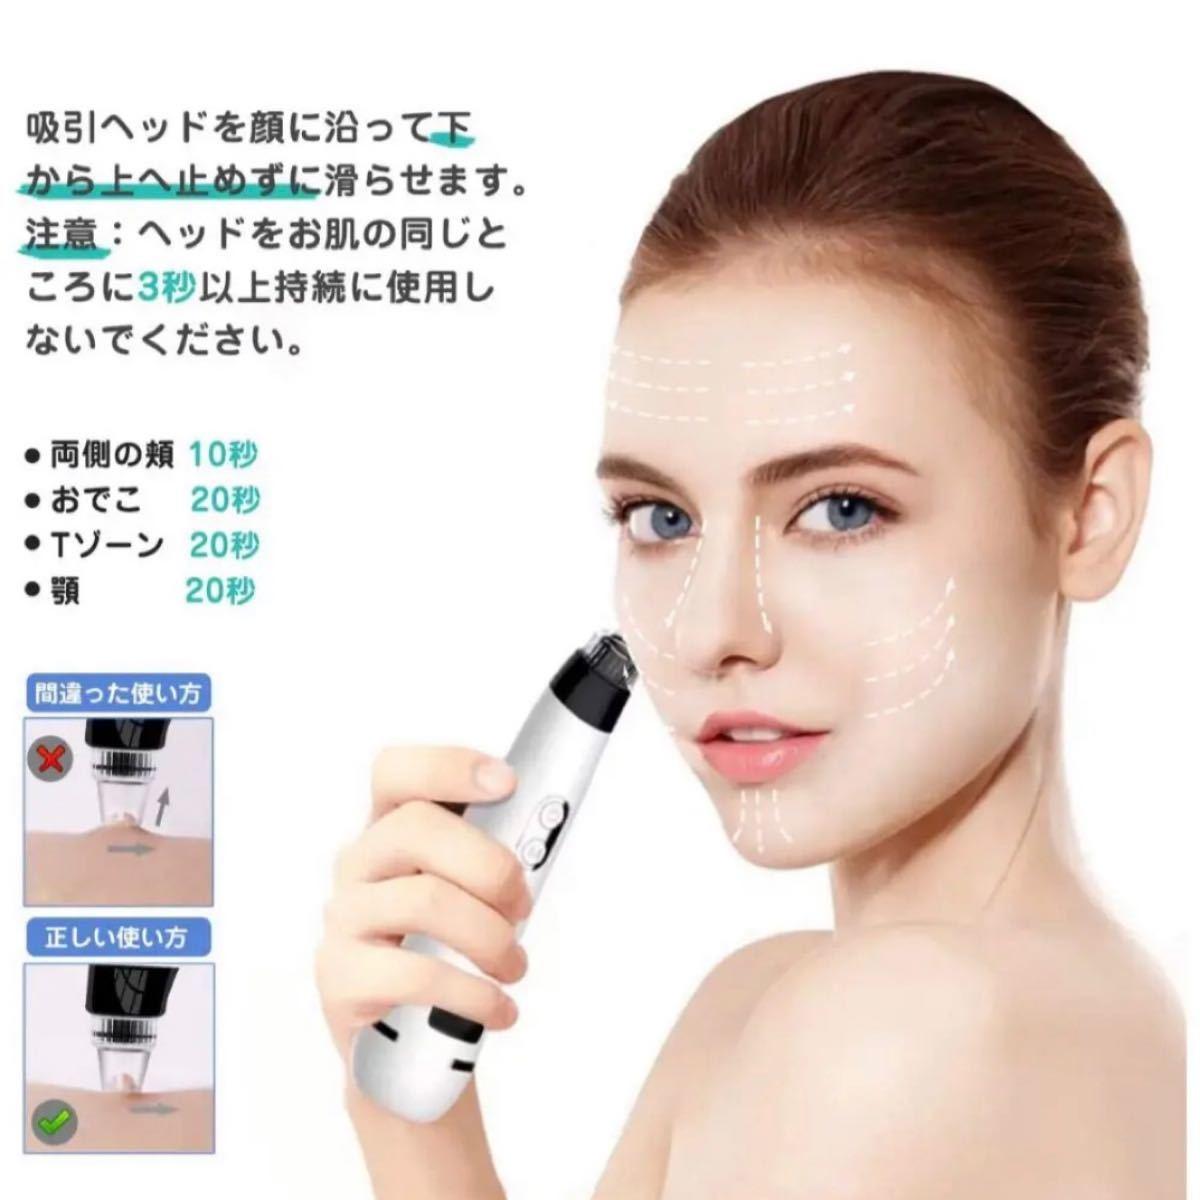 毛穴吸引器 毛穴汚れ防止 美顔器 黒ずみ吸引